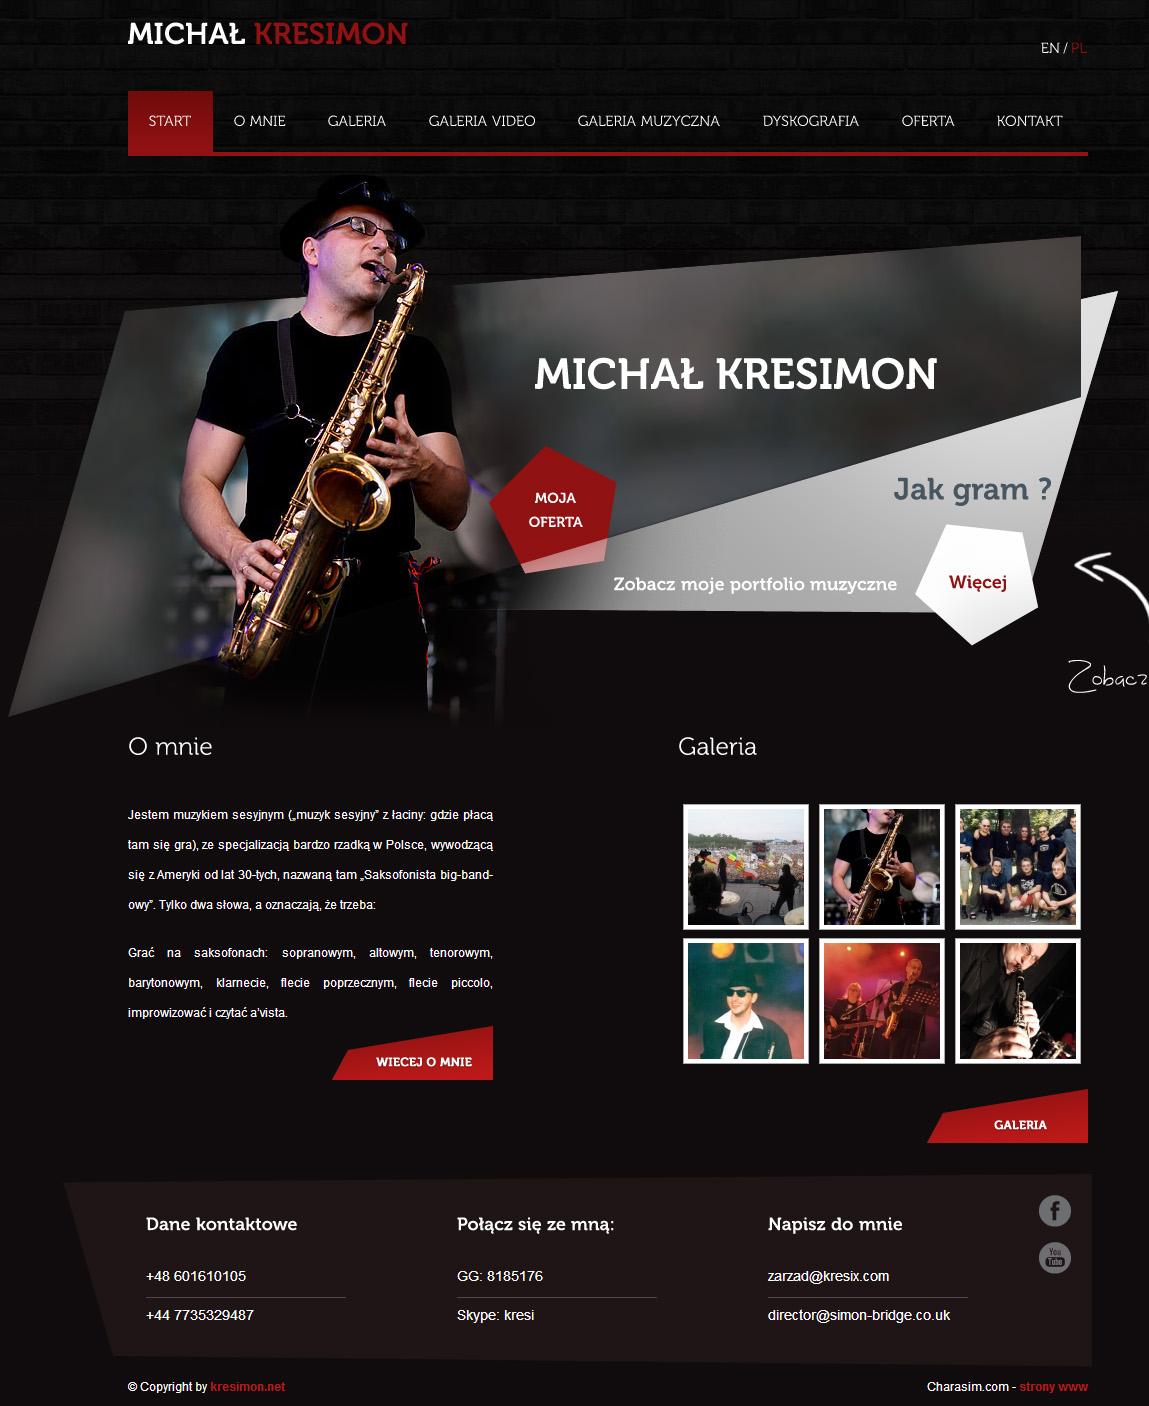 Michał Kresimon 1